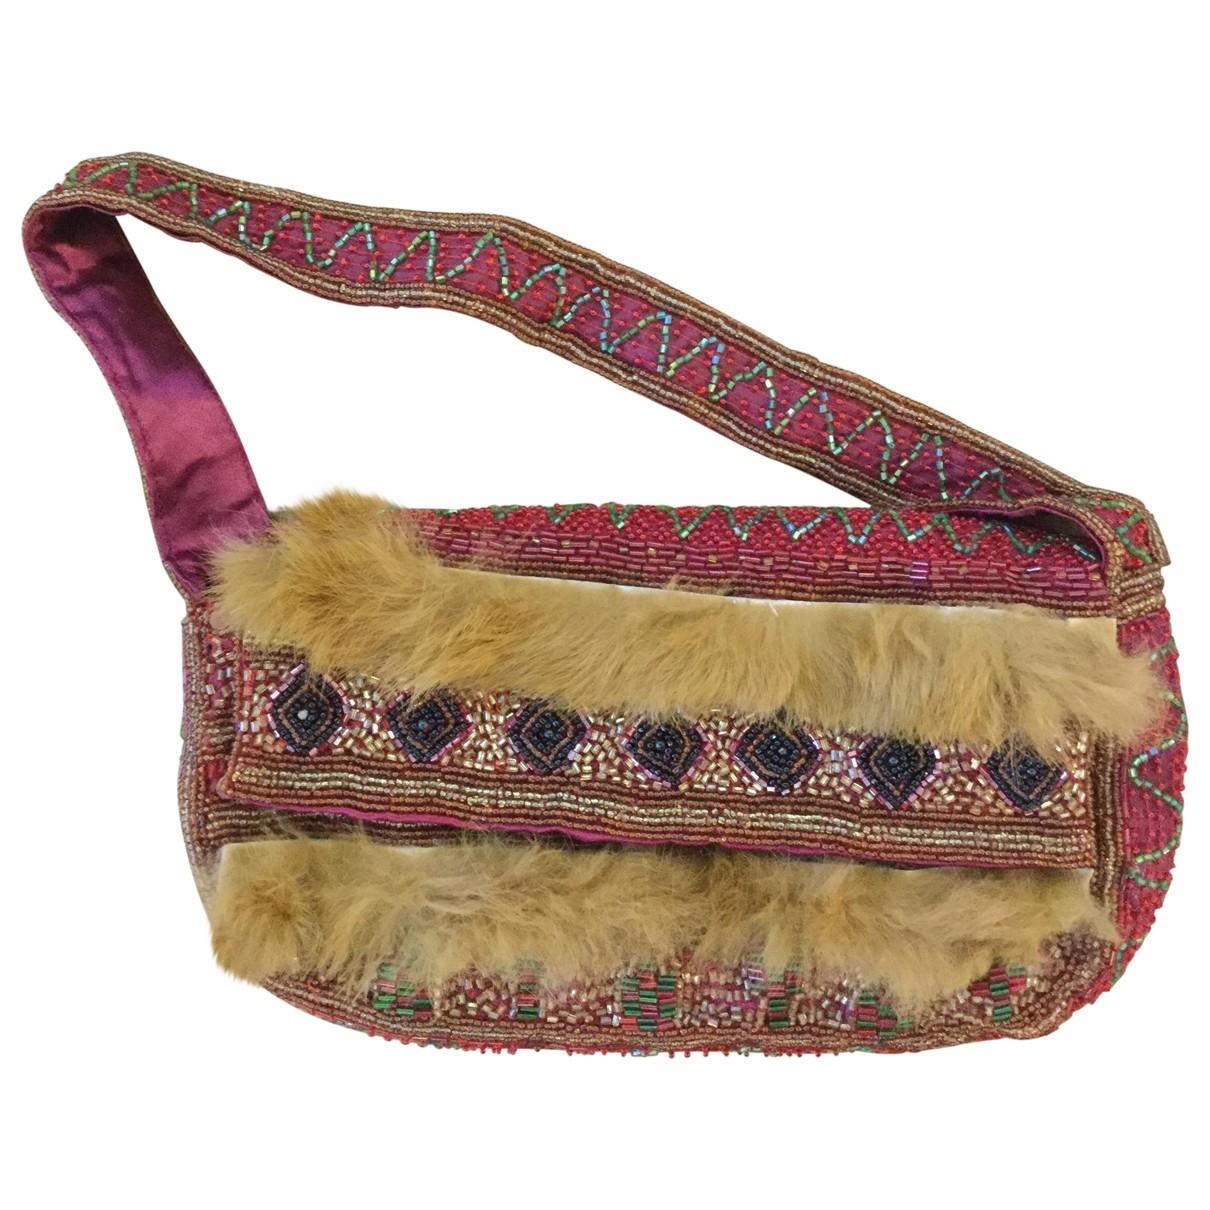 Zara \N Handtasche in  Rot Mit Pailletten